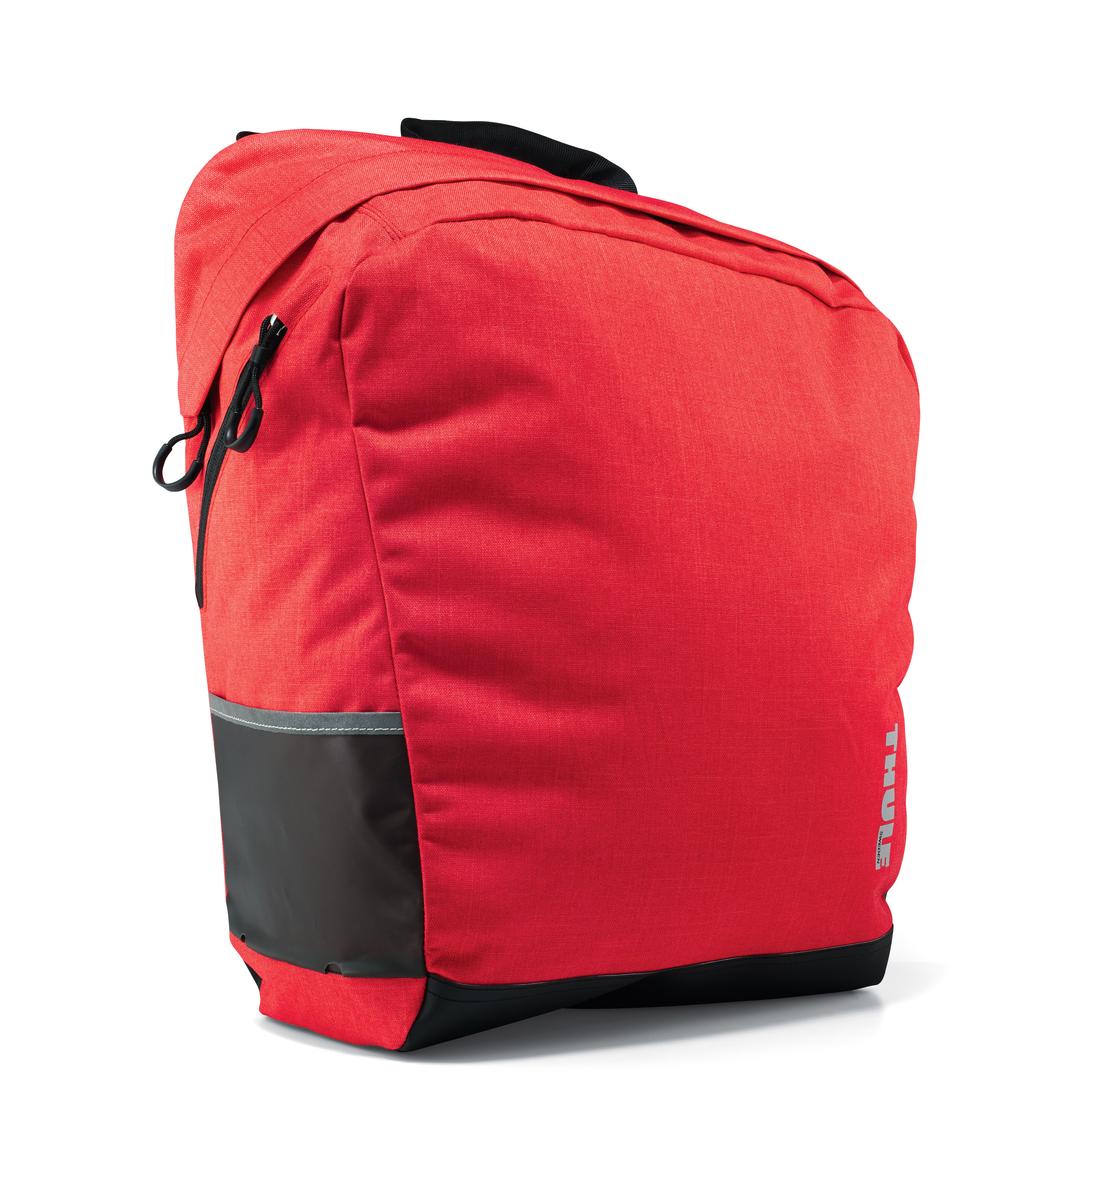 Сумка городская Thule Pack n Pedal Tote, цвет: красный, 20 x 30 x 40 см100003Велосипедная сумка в городском стиле, идея которой была навеяна сумками для переноски грузов. Легко трансформируется в повседневную сумку с удобными ручками или ремнем через плечо.Широкий проем позволяет удобно помещать внутрь крупные вещи.Крепления-невидимки легко отщелкиваются при переноске без велосипеда для максимального удобства переноски.Система крепления проста в использовании, безопасна и имеет малый уровень вибрации.Внешние прозрачные кармашки обеспечивают использование аварийного фонаря и хранение его в одном удобном месте.Боковой сетчатый карман для небольших предметов.Светоотражающие полоски повышают заметность на дороге.Встроенные ручки и отстегиваемый ремень для ношения через плечо обеспечивают несколько вариантов переноски.Устанавливается с любой стороны велосипеда.Лучше всего подходит для багажников Thule, но может использоваться практически с любым велосипедным багажником.